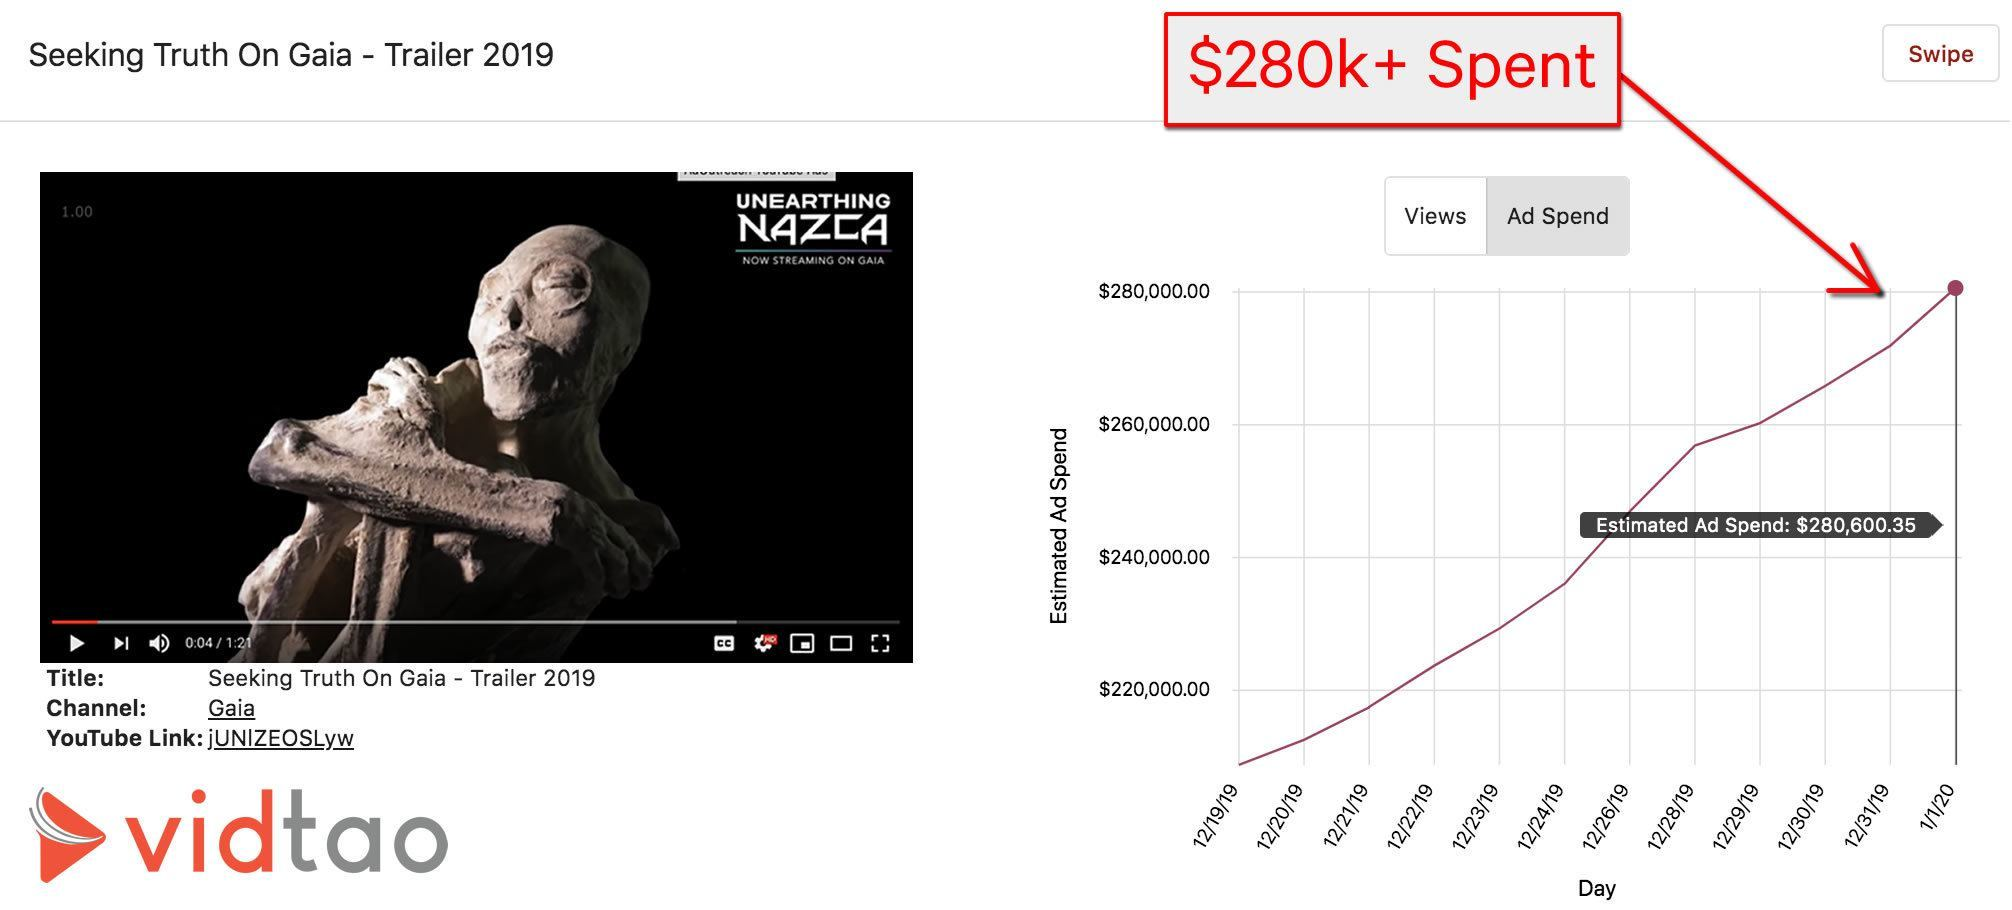 youtube-ad-spy-tool-screenshot-gaia-aliens-screenshot-20200101-1